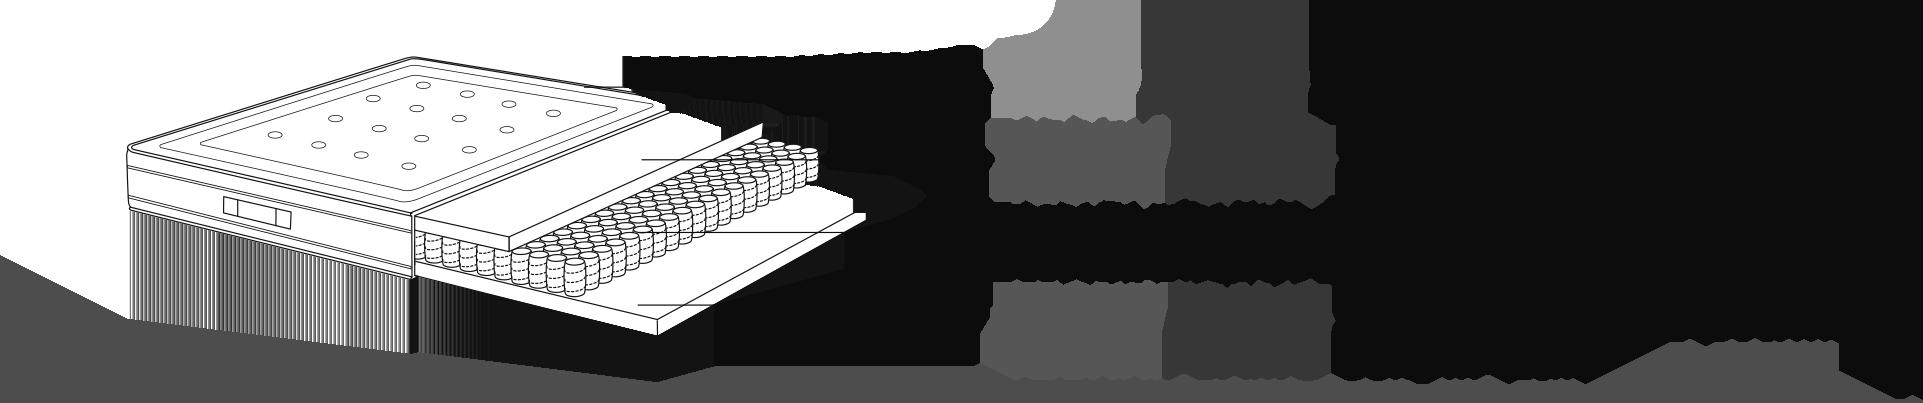 Mousse TECHNIFOAM 35 kg / m3 (2 cm d'épaisseur), ressorts ensachés 7 zones (300 / m2) et TECHNIFOAM 35 kg / m3 (2 cm d'épaisseur)